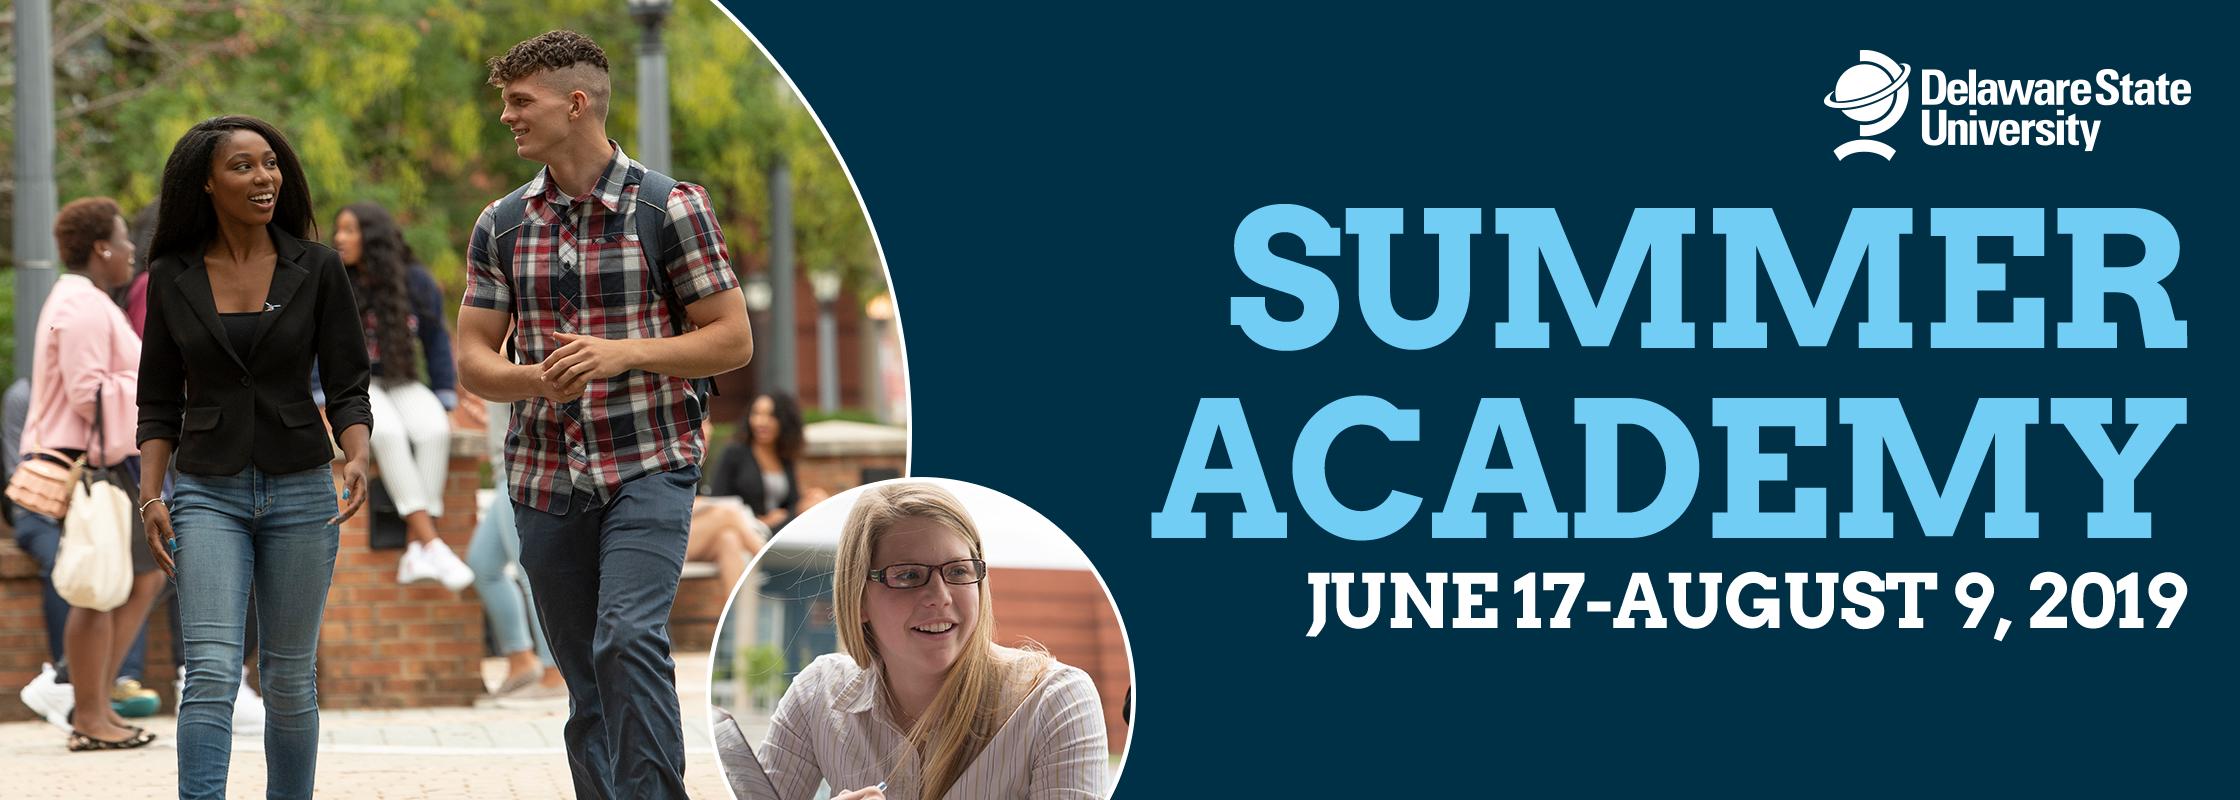 Summer Academy ad DSU